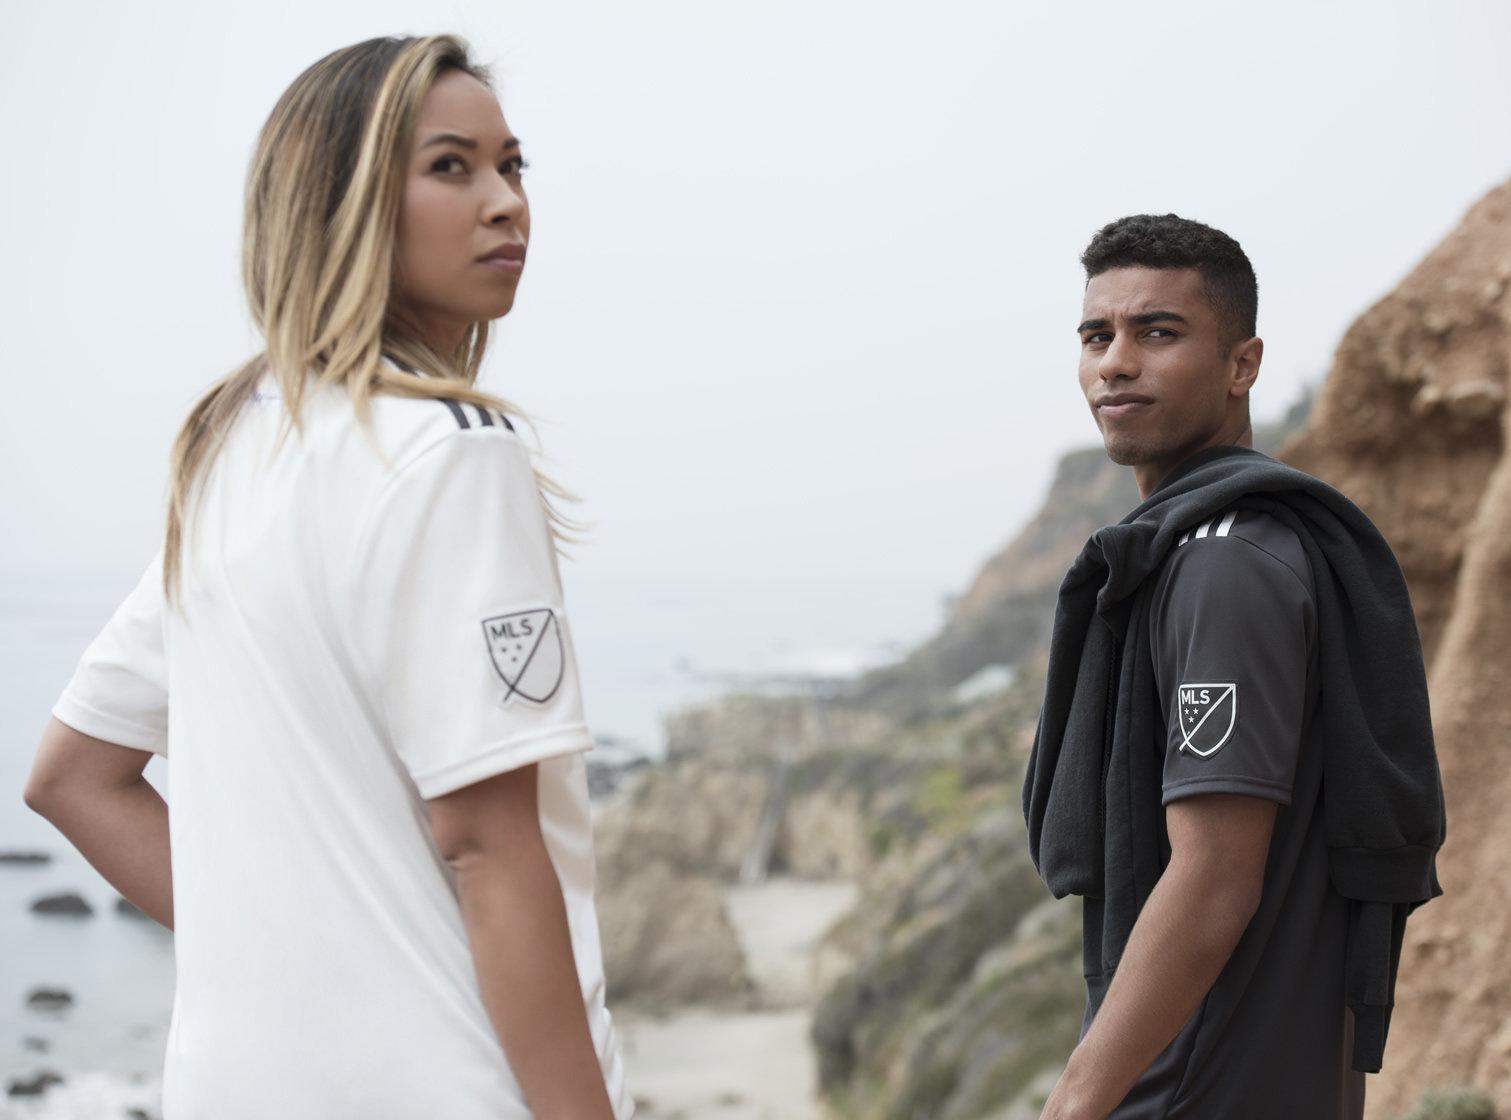 Camisetas de la MLS 2018 x Parley | Foto Adidas